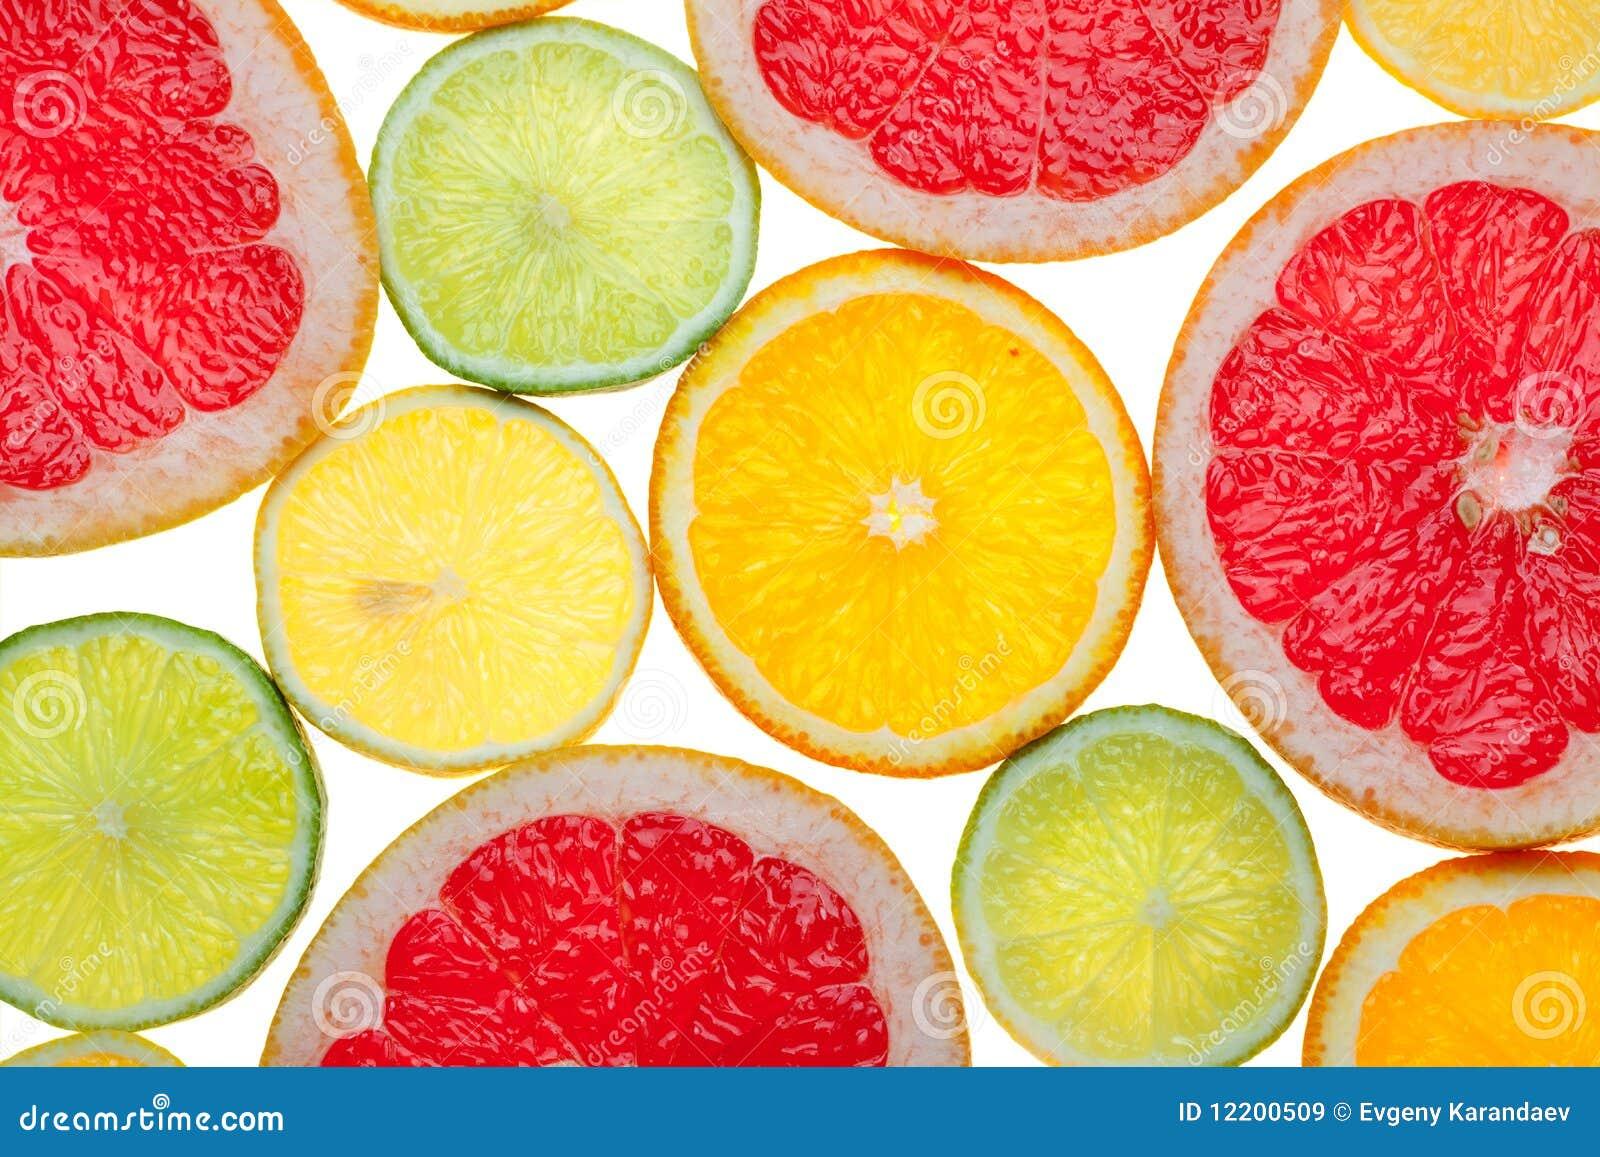 Zitrusfruchtnahrungsmittelhintergrund